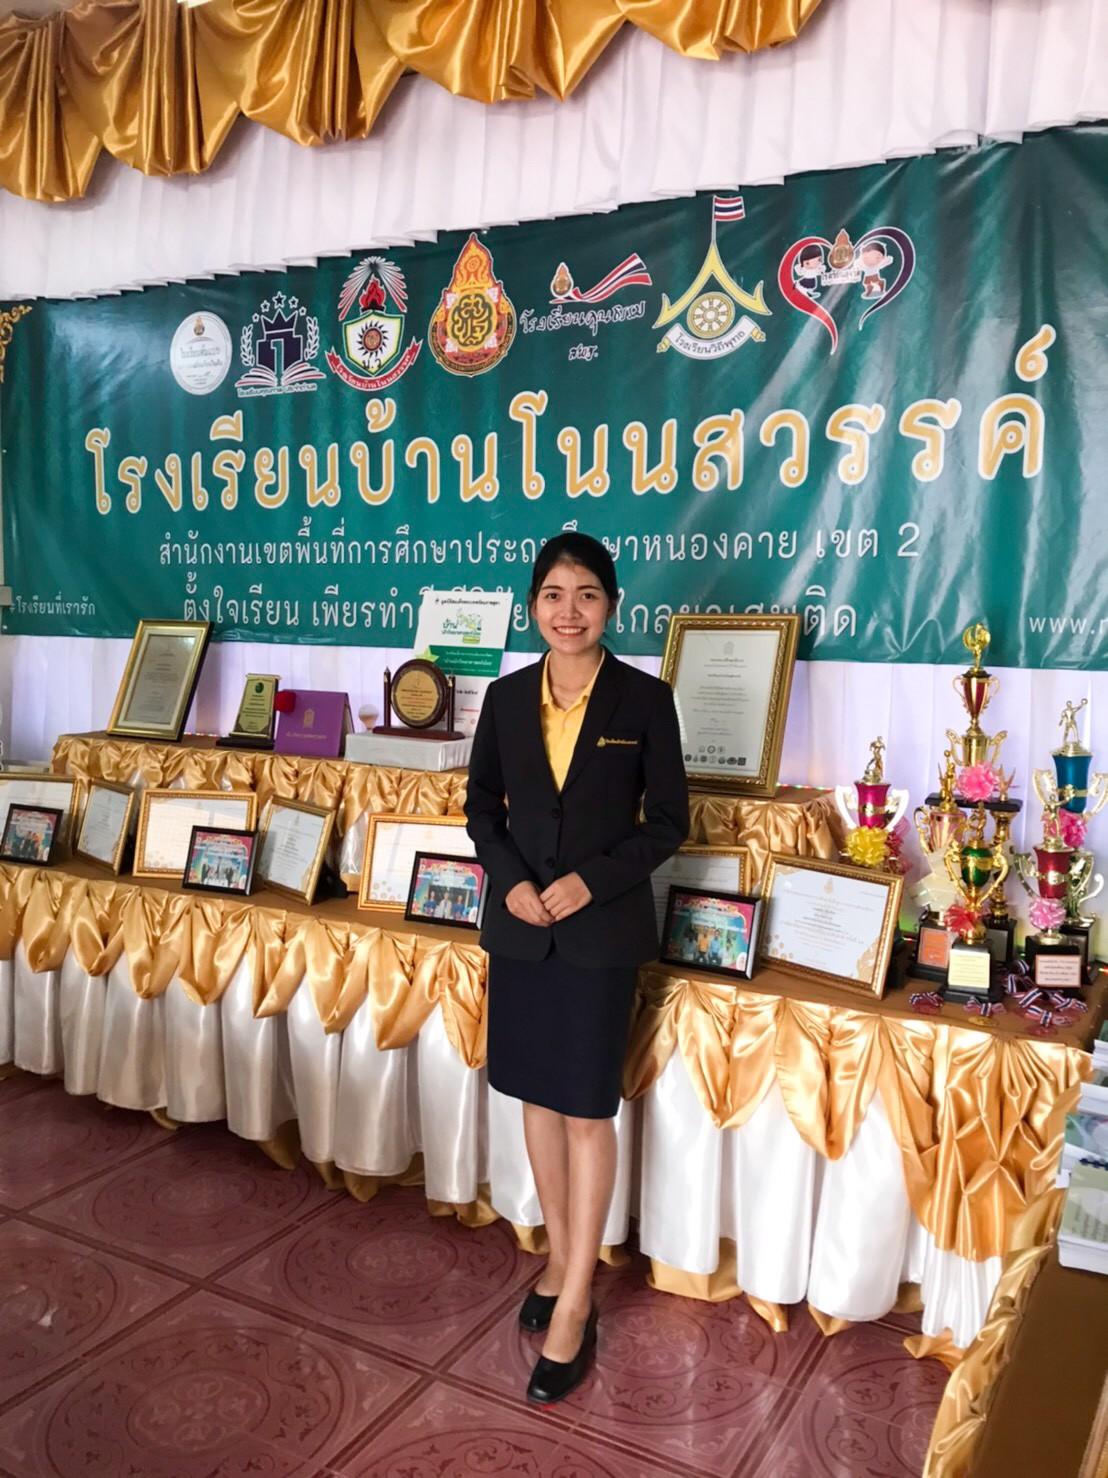 คณะครูรูปทางการ_201010